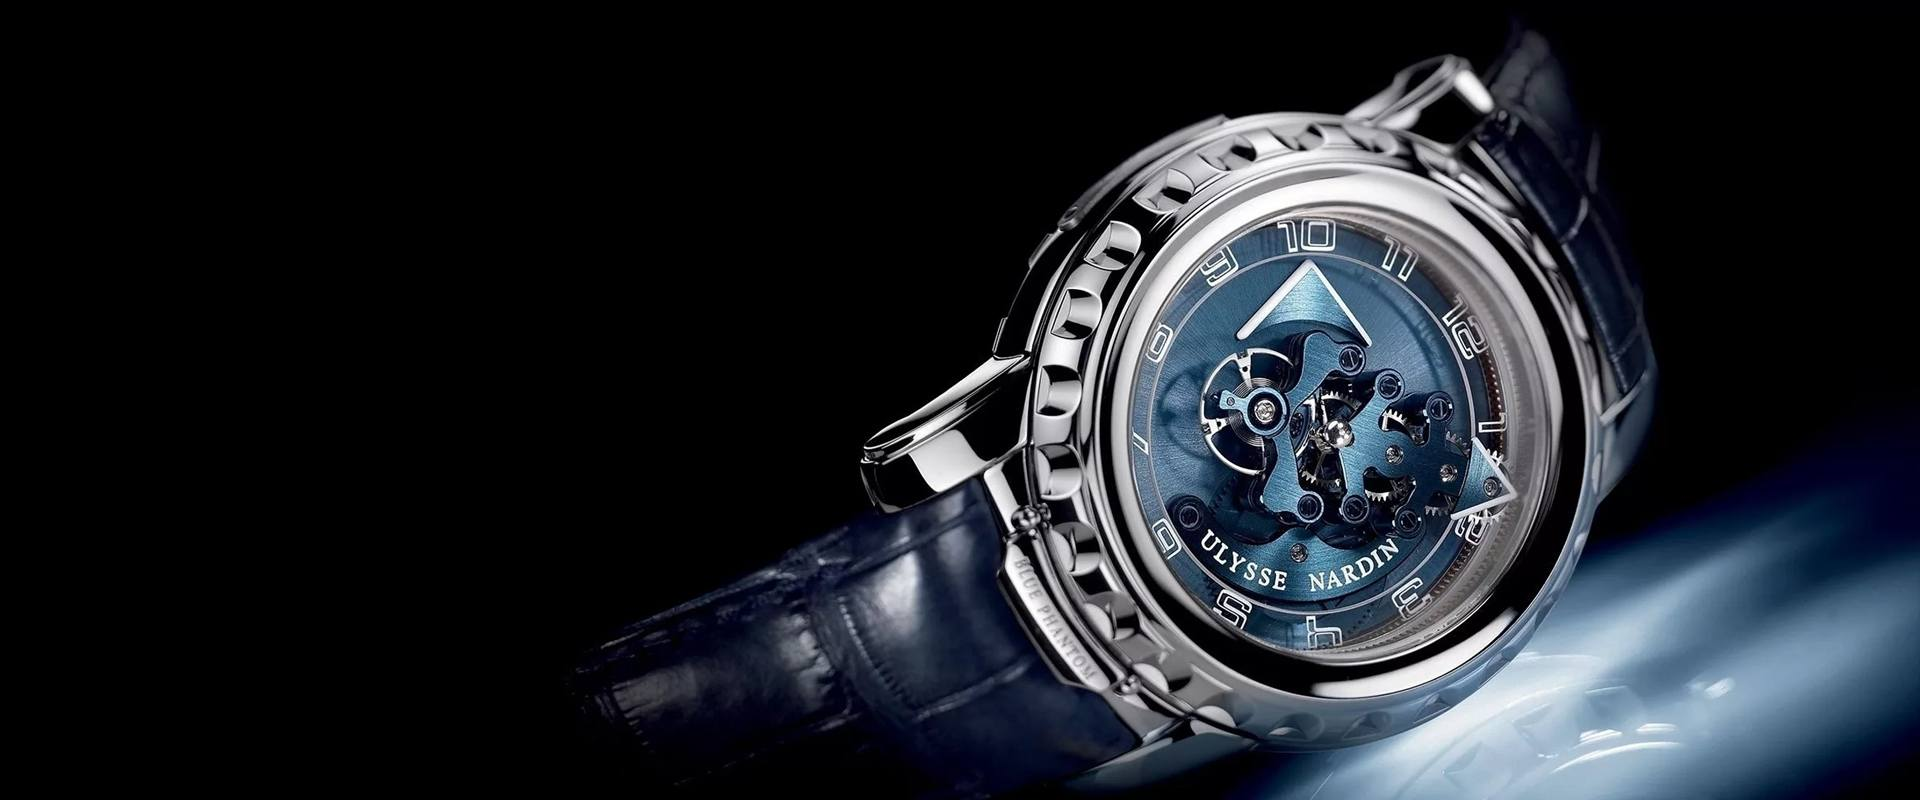 Скупка часов калининград стоимость excel часа формула